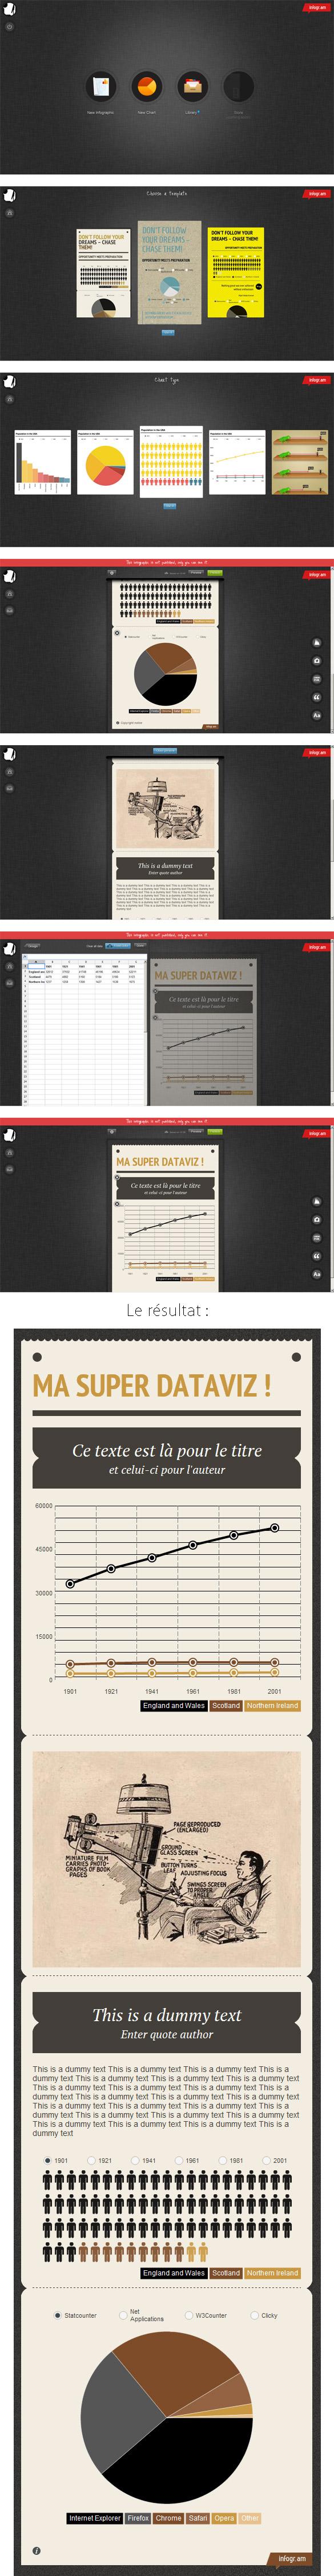 dataviz Créez de belles infographies & datavisualisations gratuitement et en ligne grâce à Infogr.am !